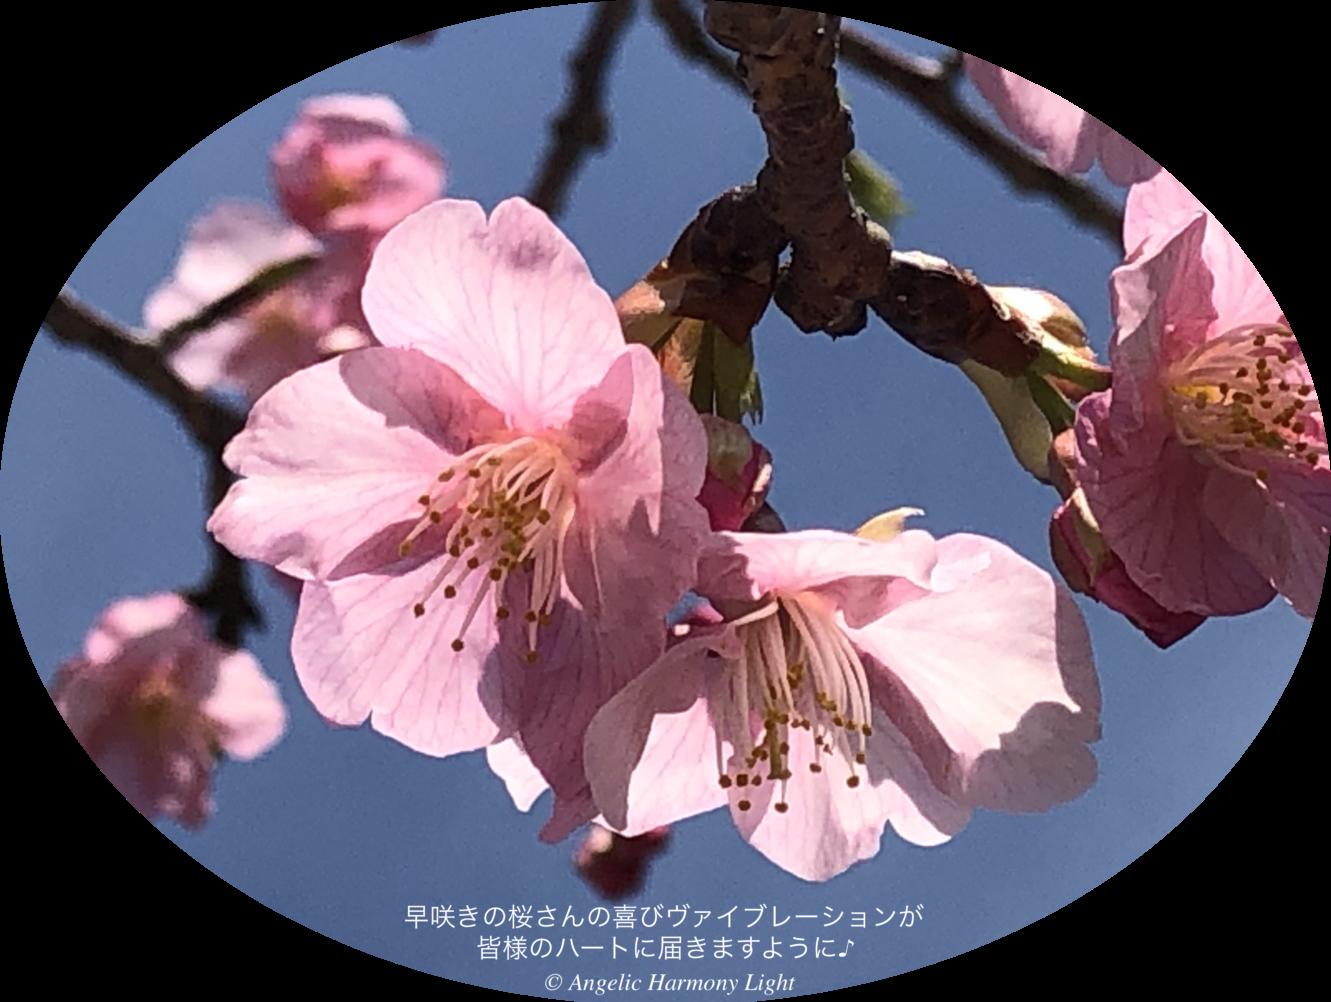 20210213 桜さんの喜びヴァイブレーション